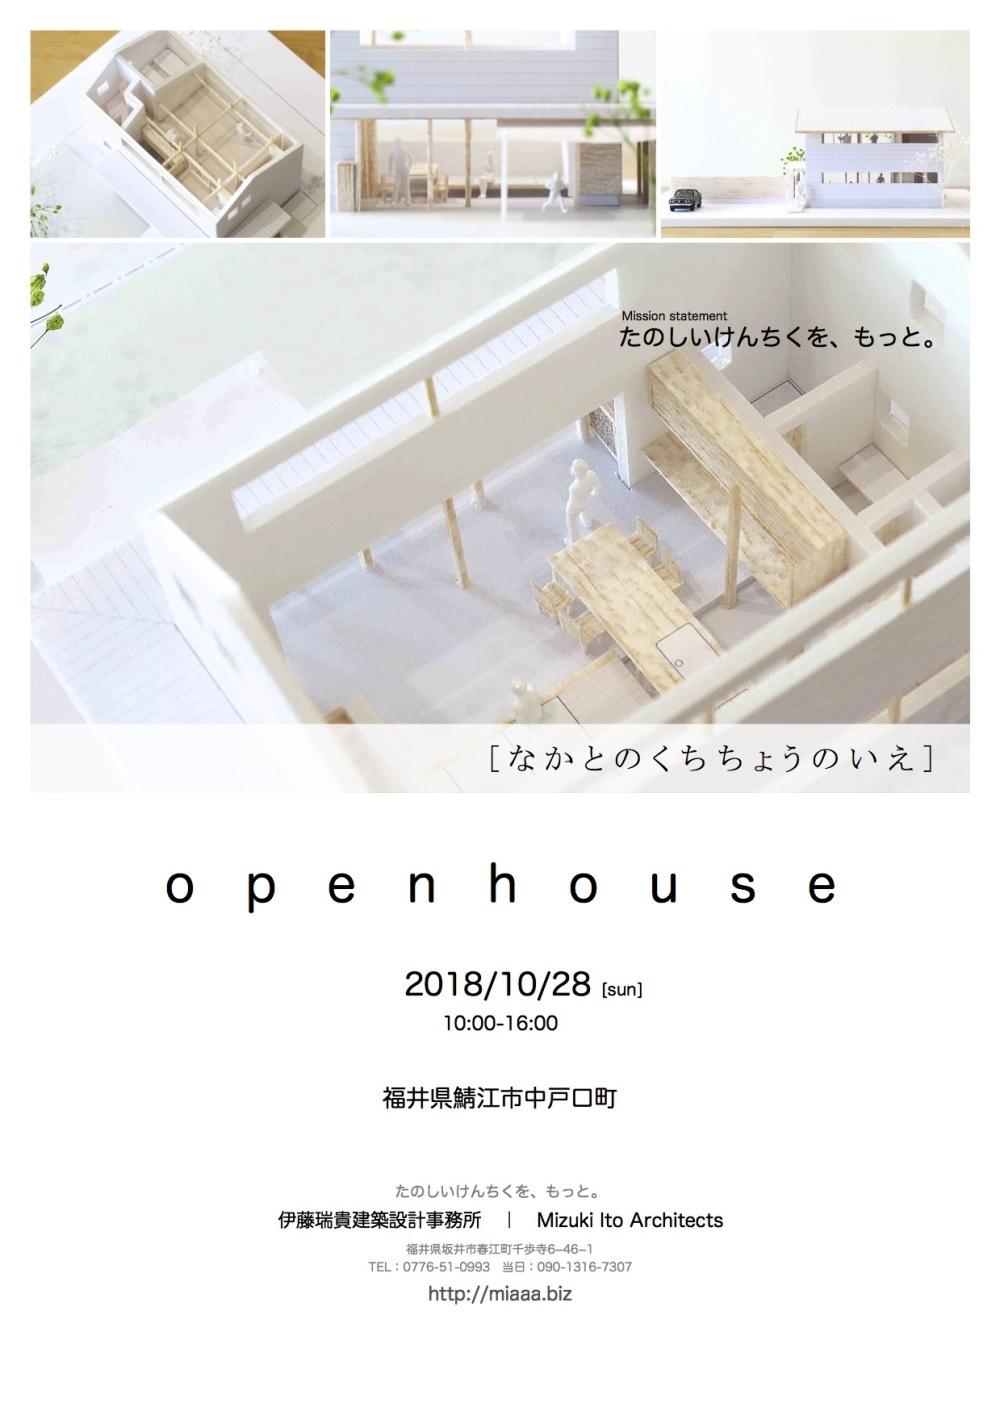 181028(日) 福井市鯖江市にてオープンハウスを開催いたします。_f0165030_18175578.jpg